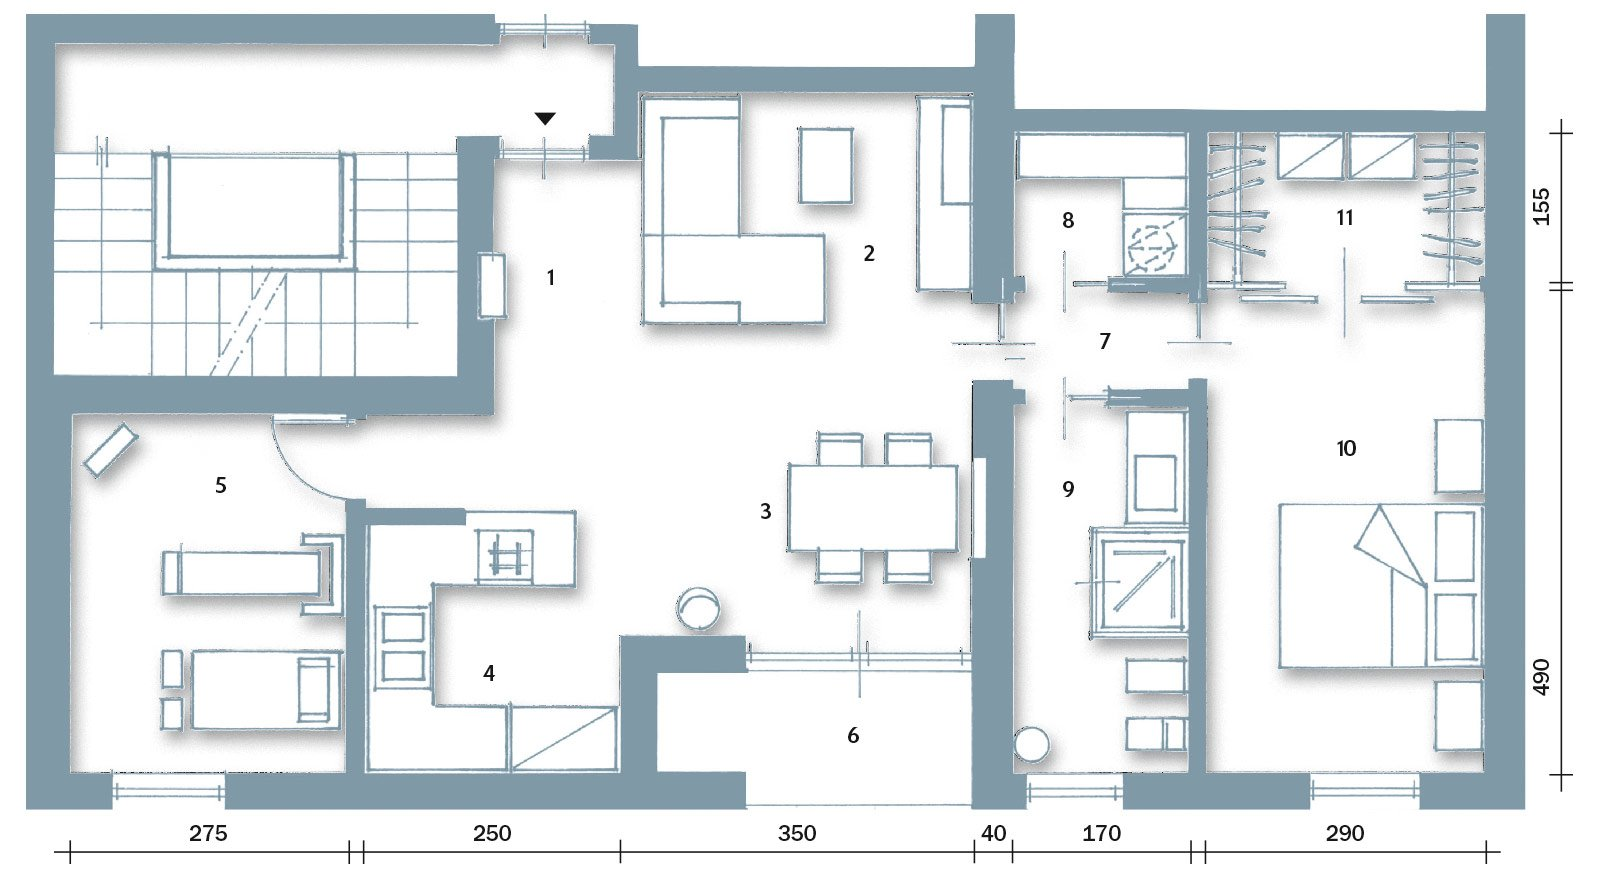 Casa con 10 trucchi 83 mq sembrano pi grandi cose di for Casa moderna pianta